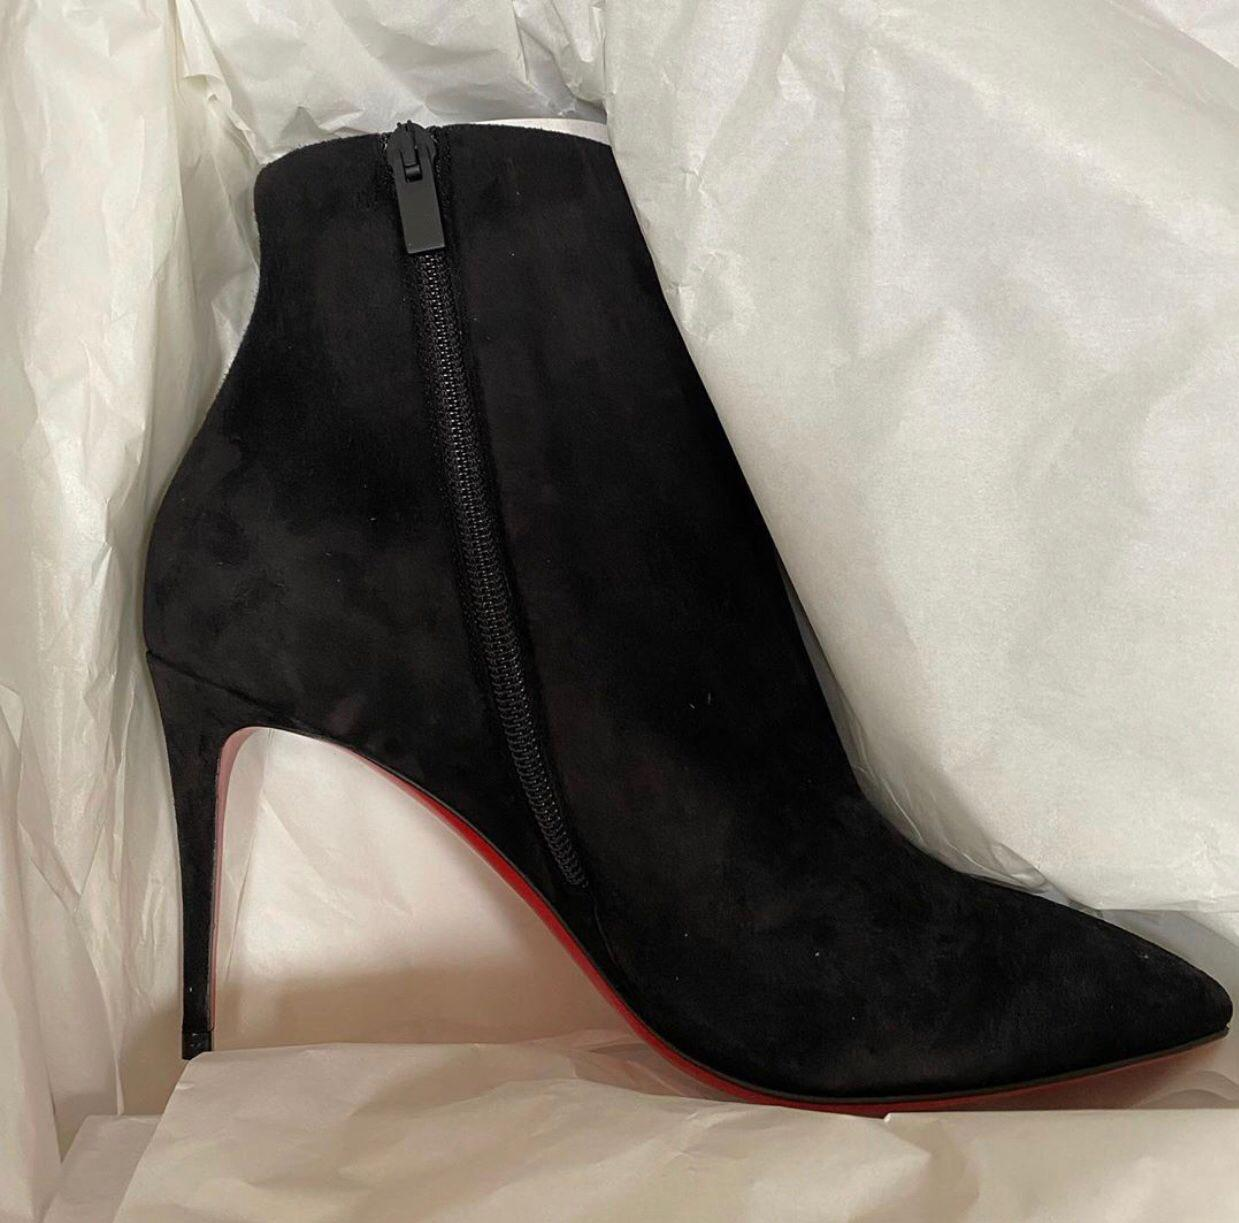 Известный зимний Brands Элоиза Booty женщин Красного Bottom Ботильоны Высокие каблуки леди пинетки Остроконечные Toe Red Sole Bottes Party, Wedding EU34-43